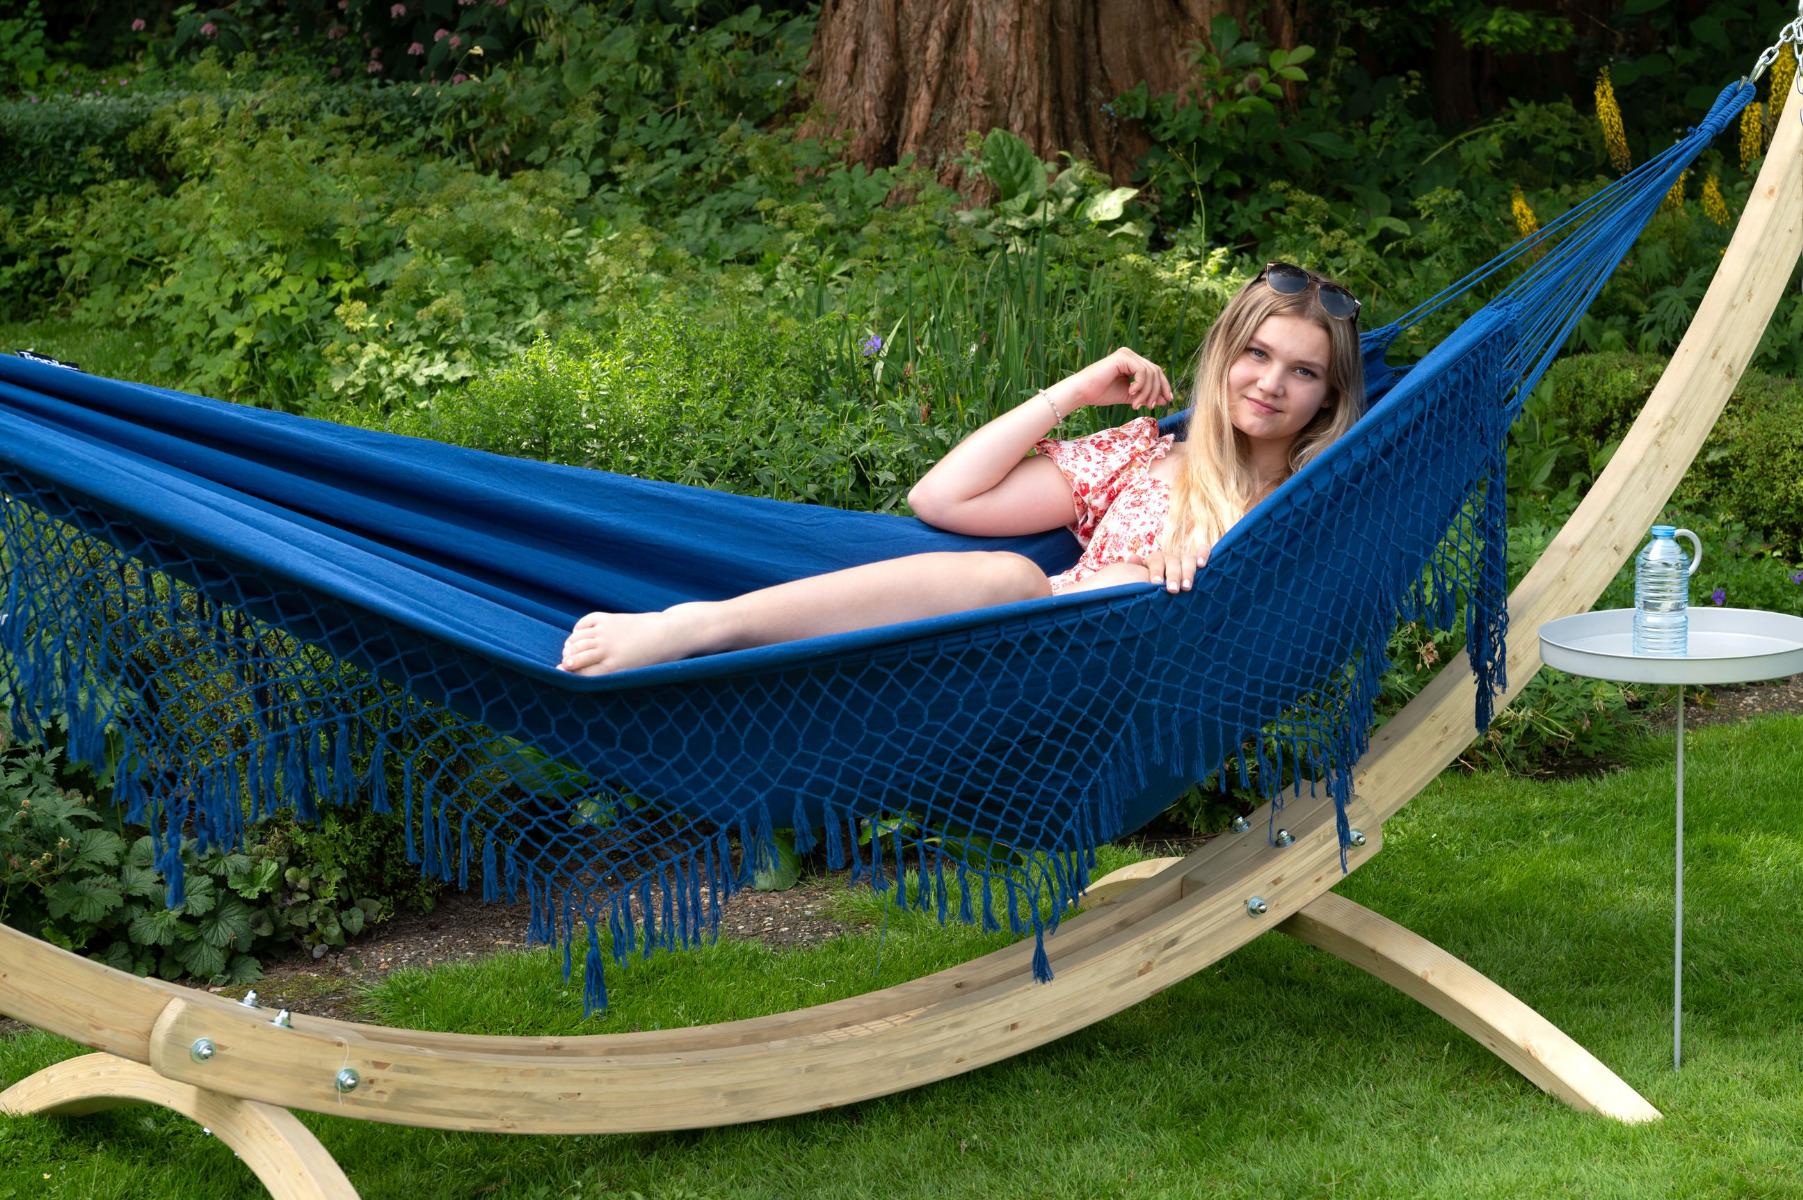 Hangmat 'Sublime' Blue - Tropilex ®